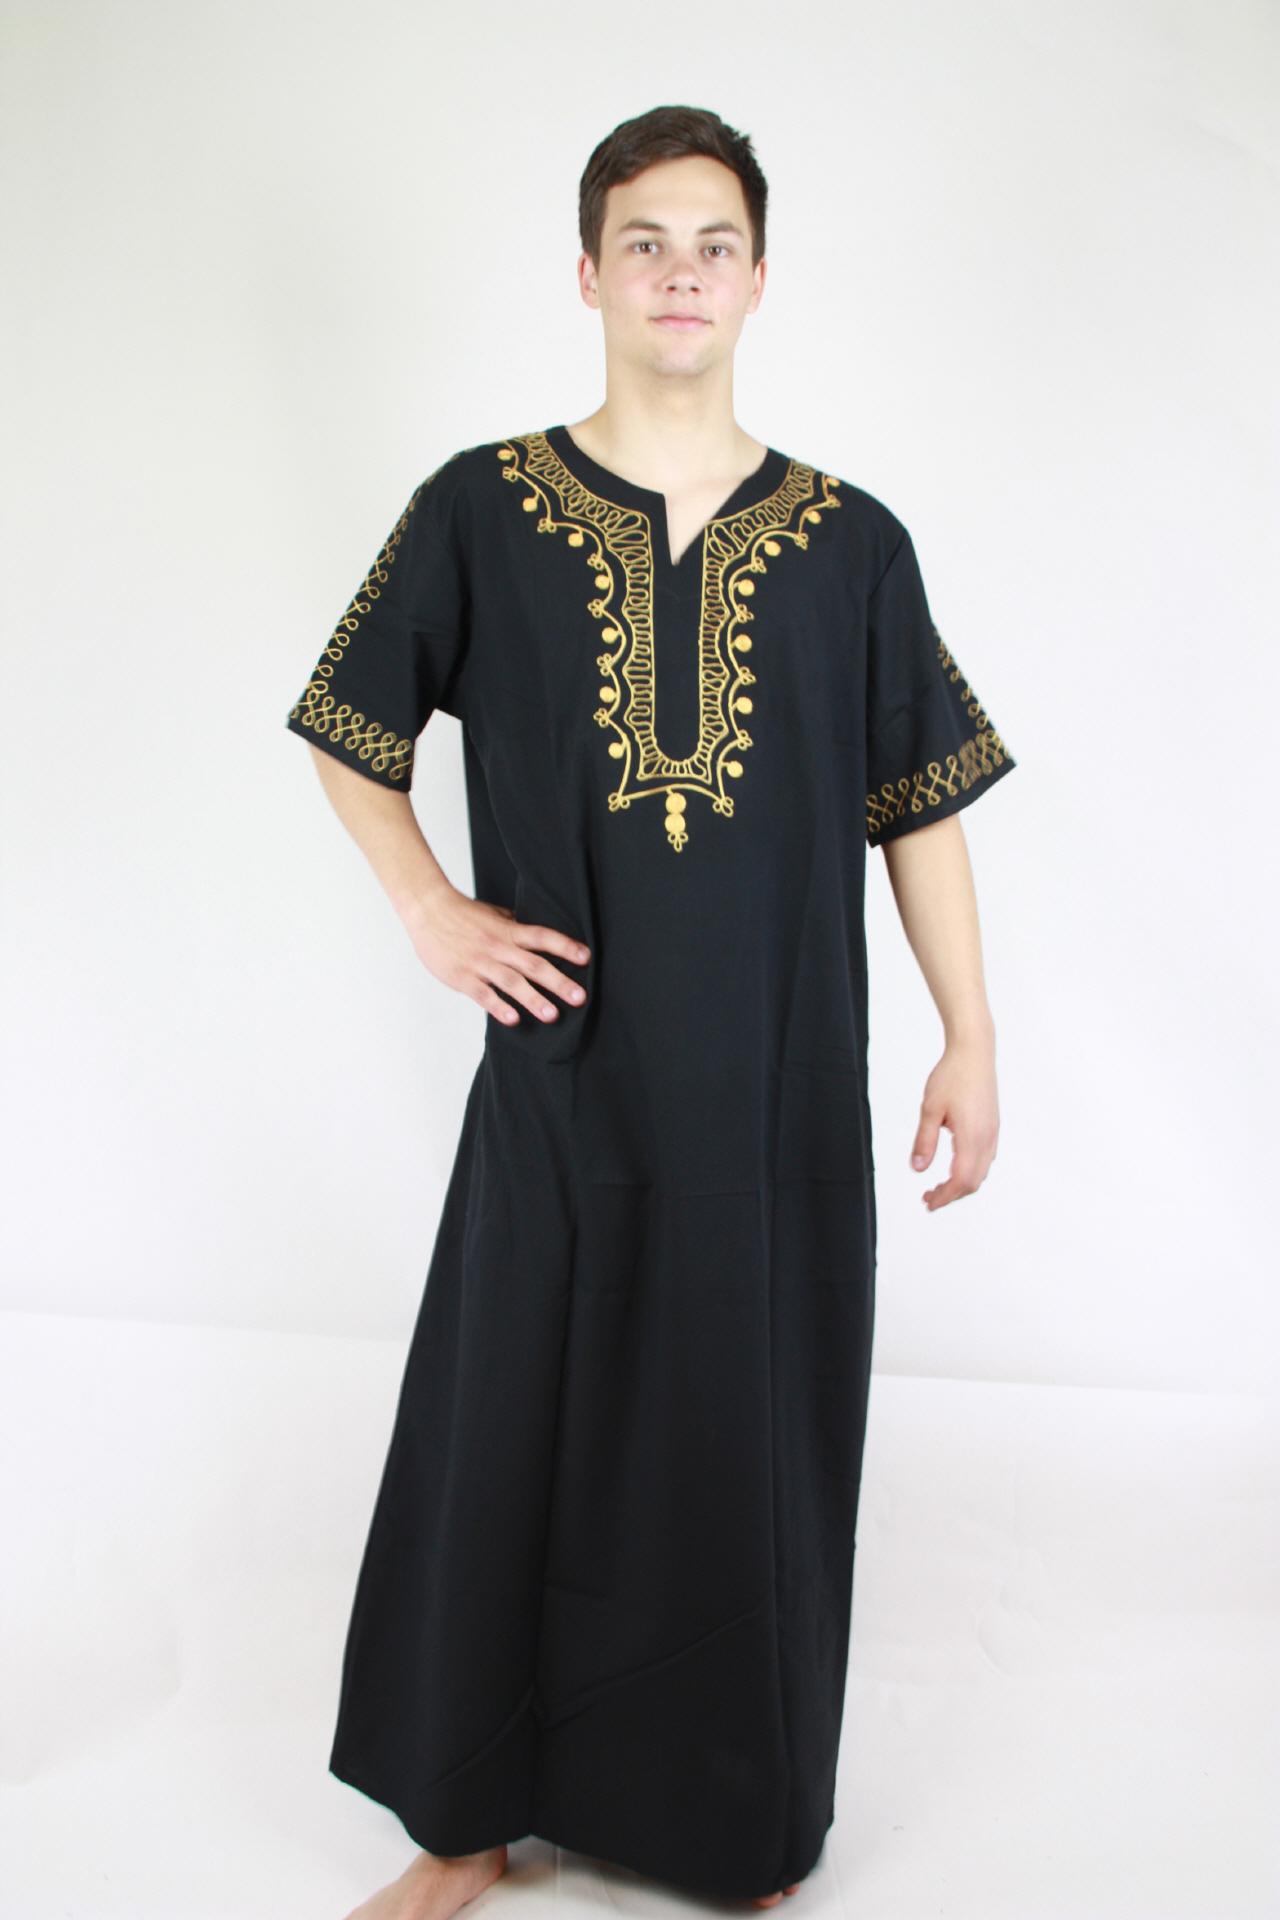 Herren kaftan arabische kleidung kaufen im egypt bazar shop - Festliche kleidung herren ...